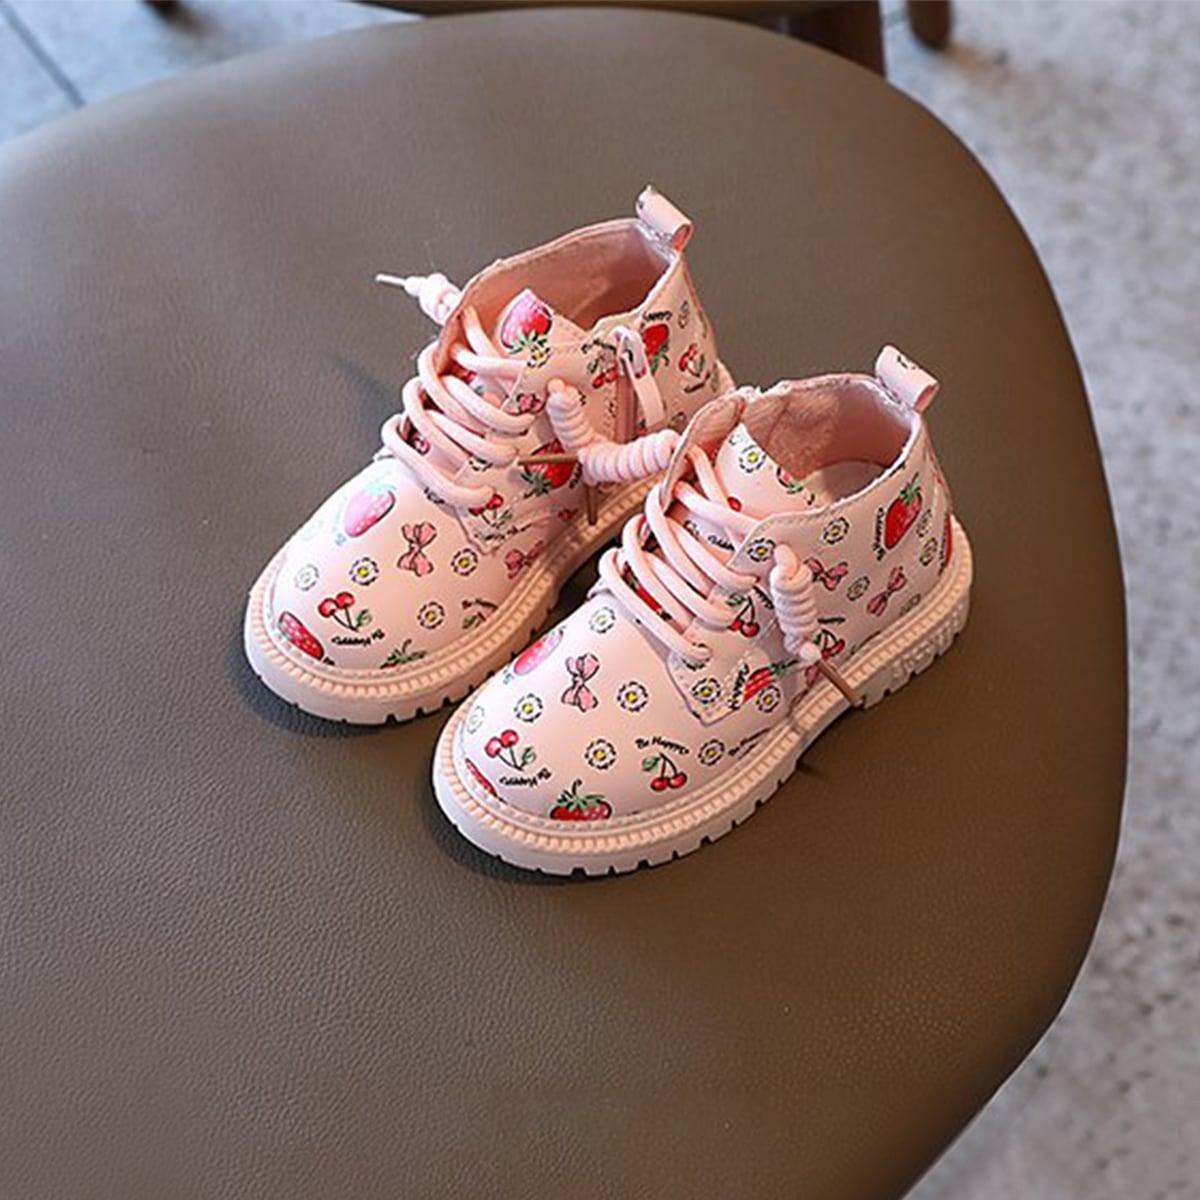 Ботинки с рисунком клубники и вишни для девочек SheIn sk2107201541381858